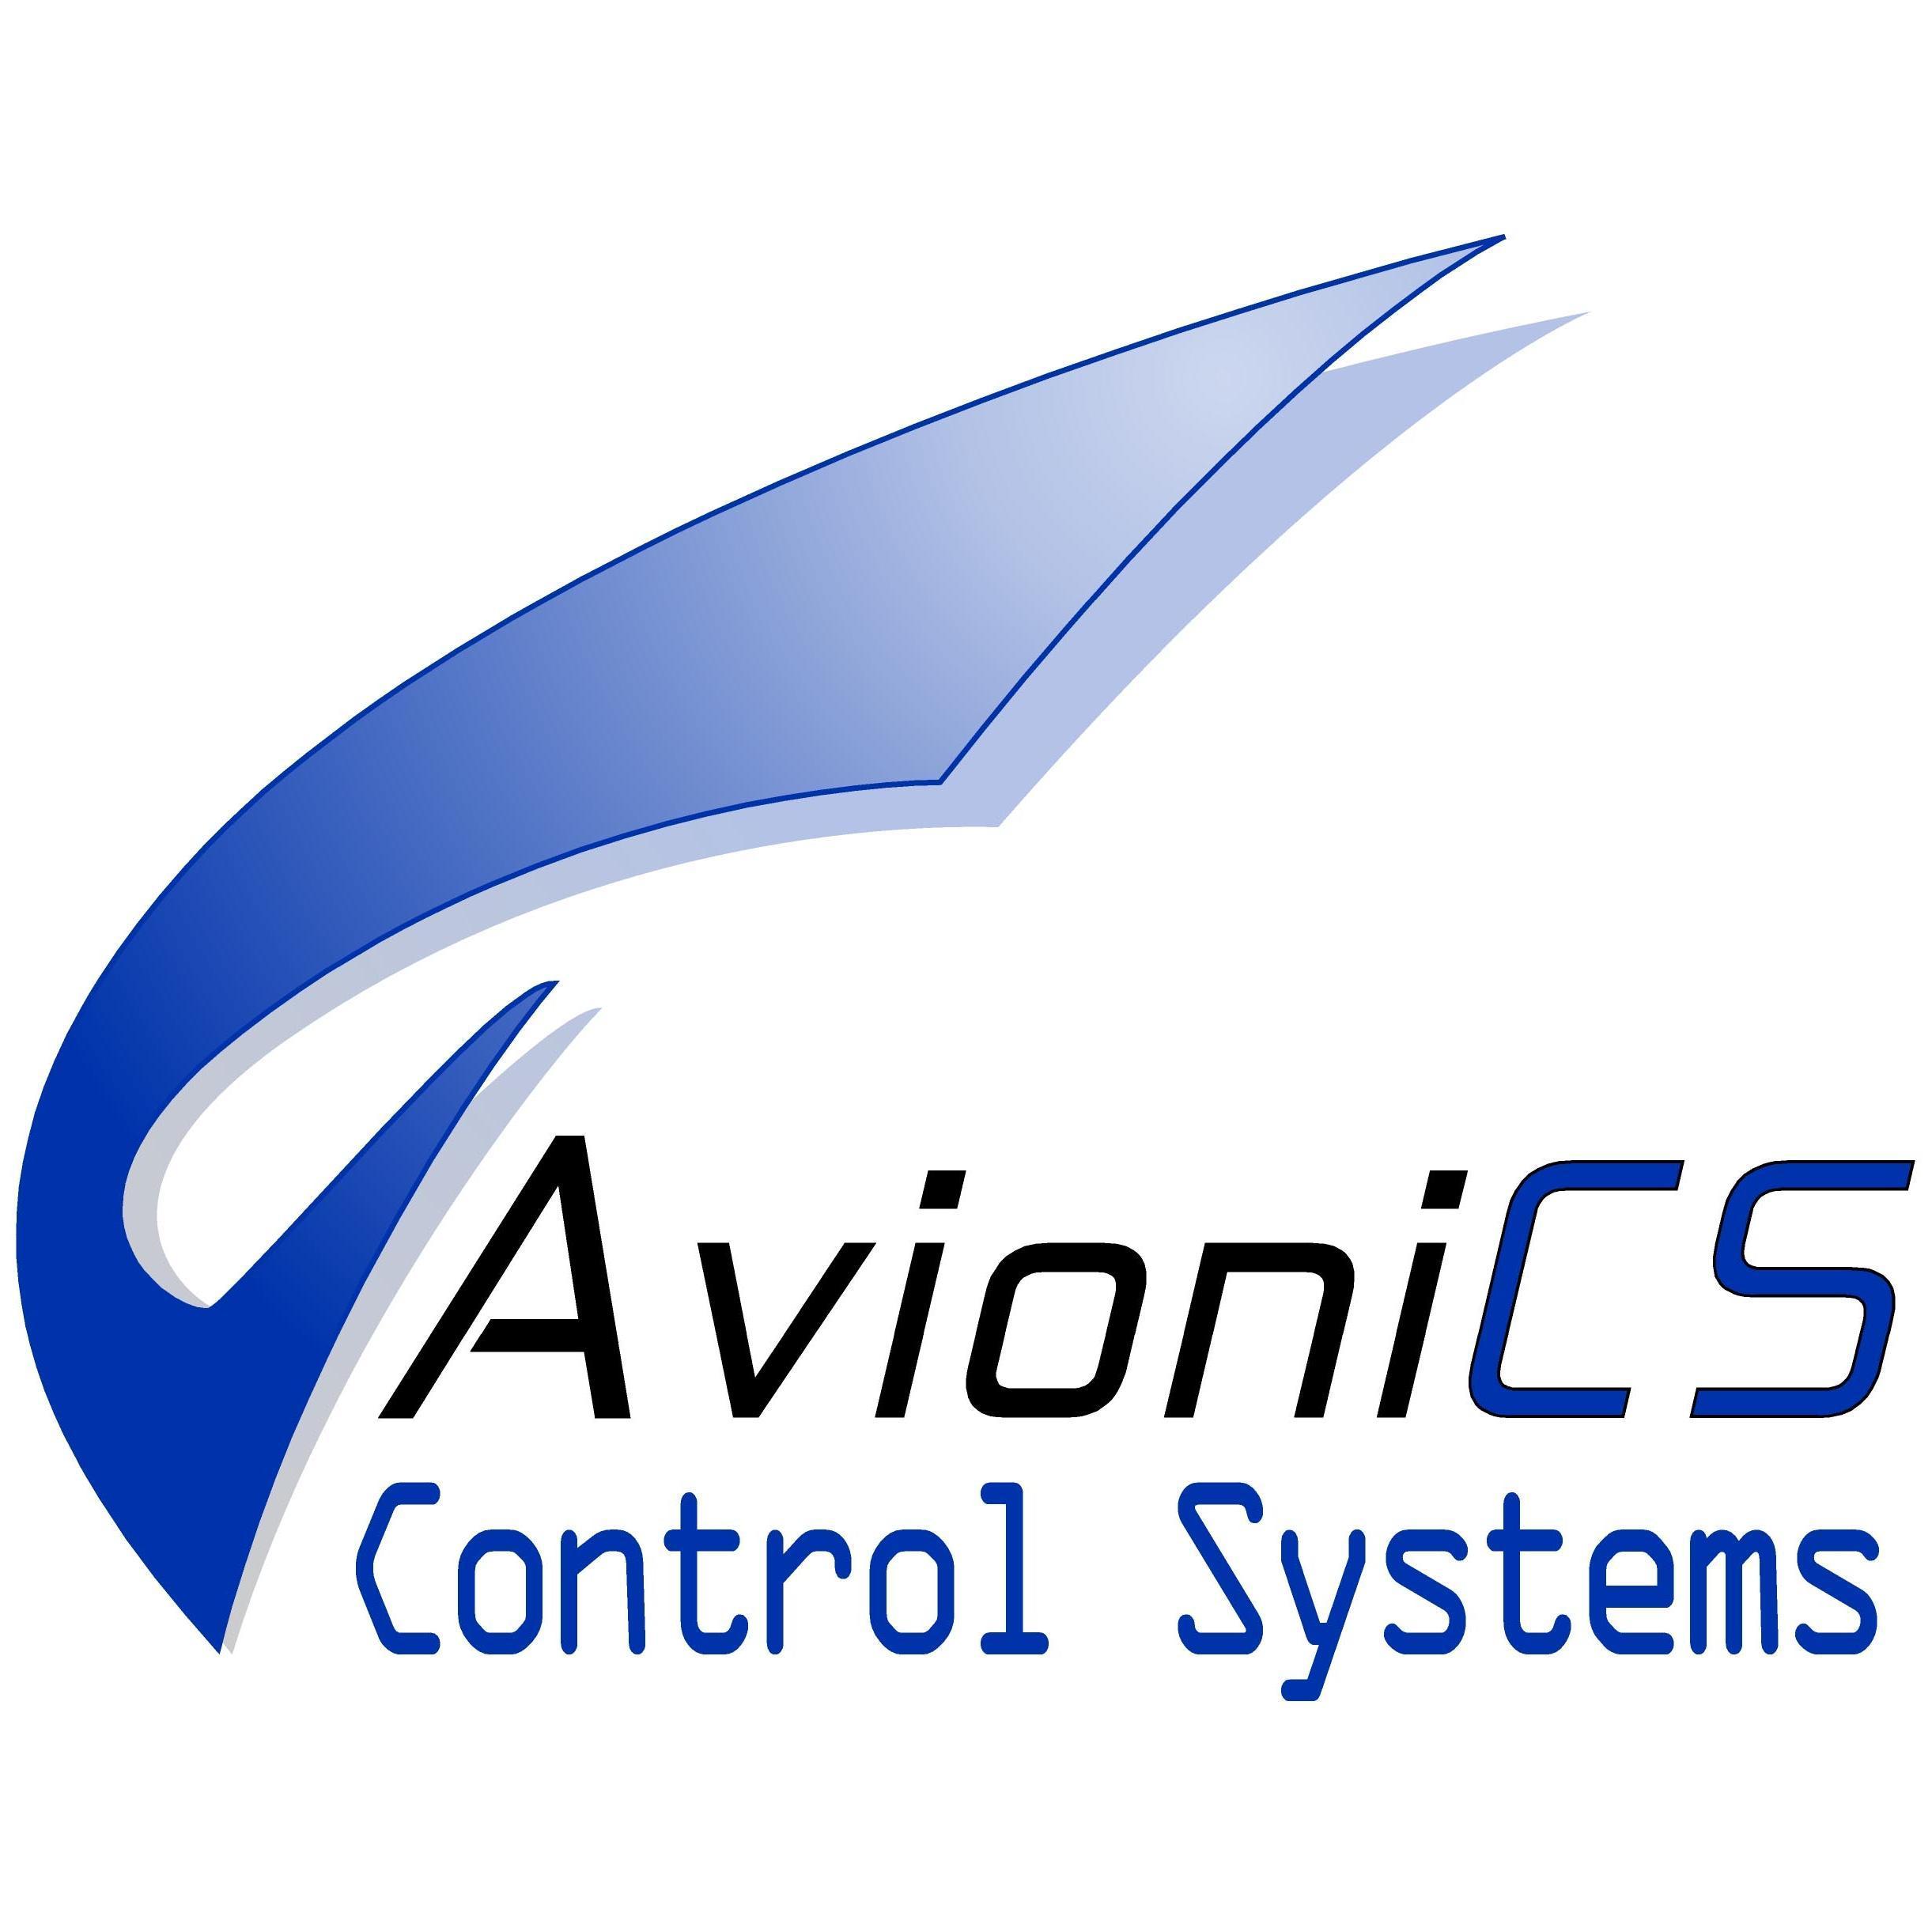 @Avioconsys